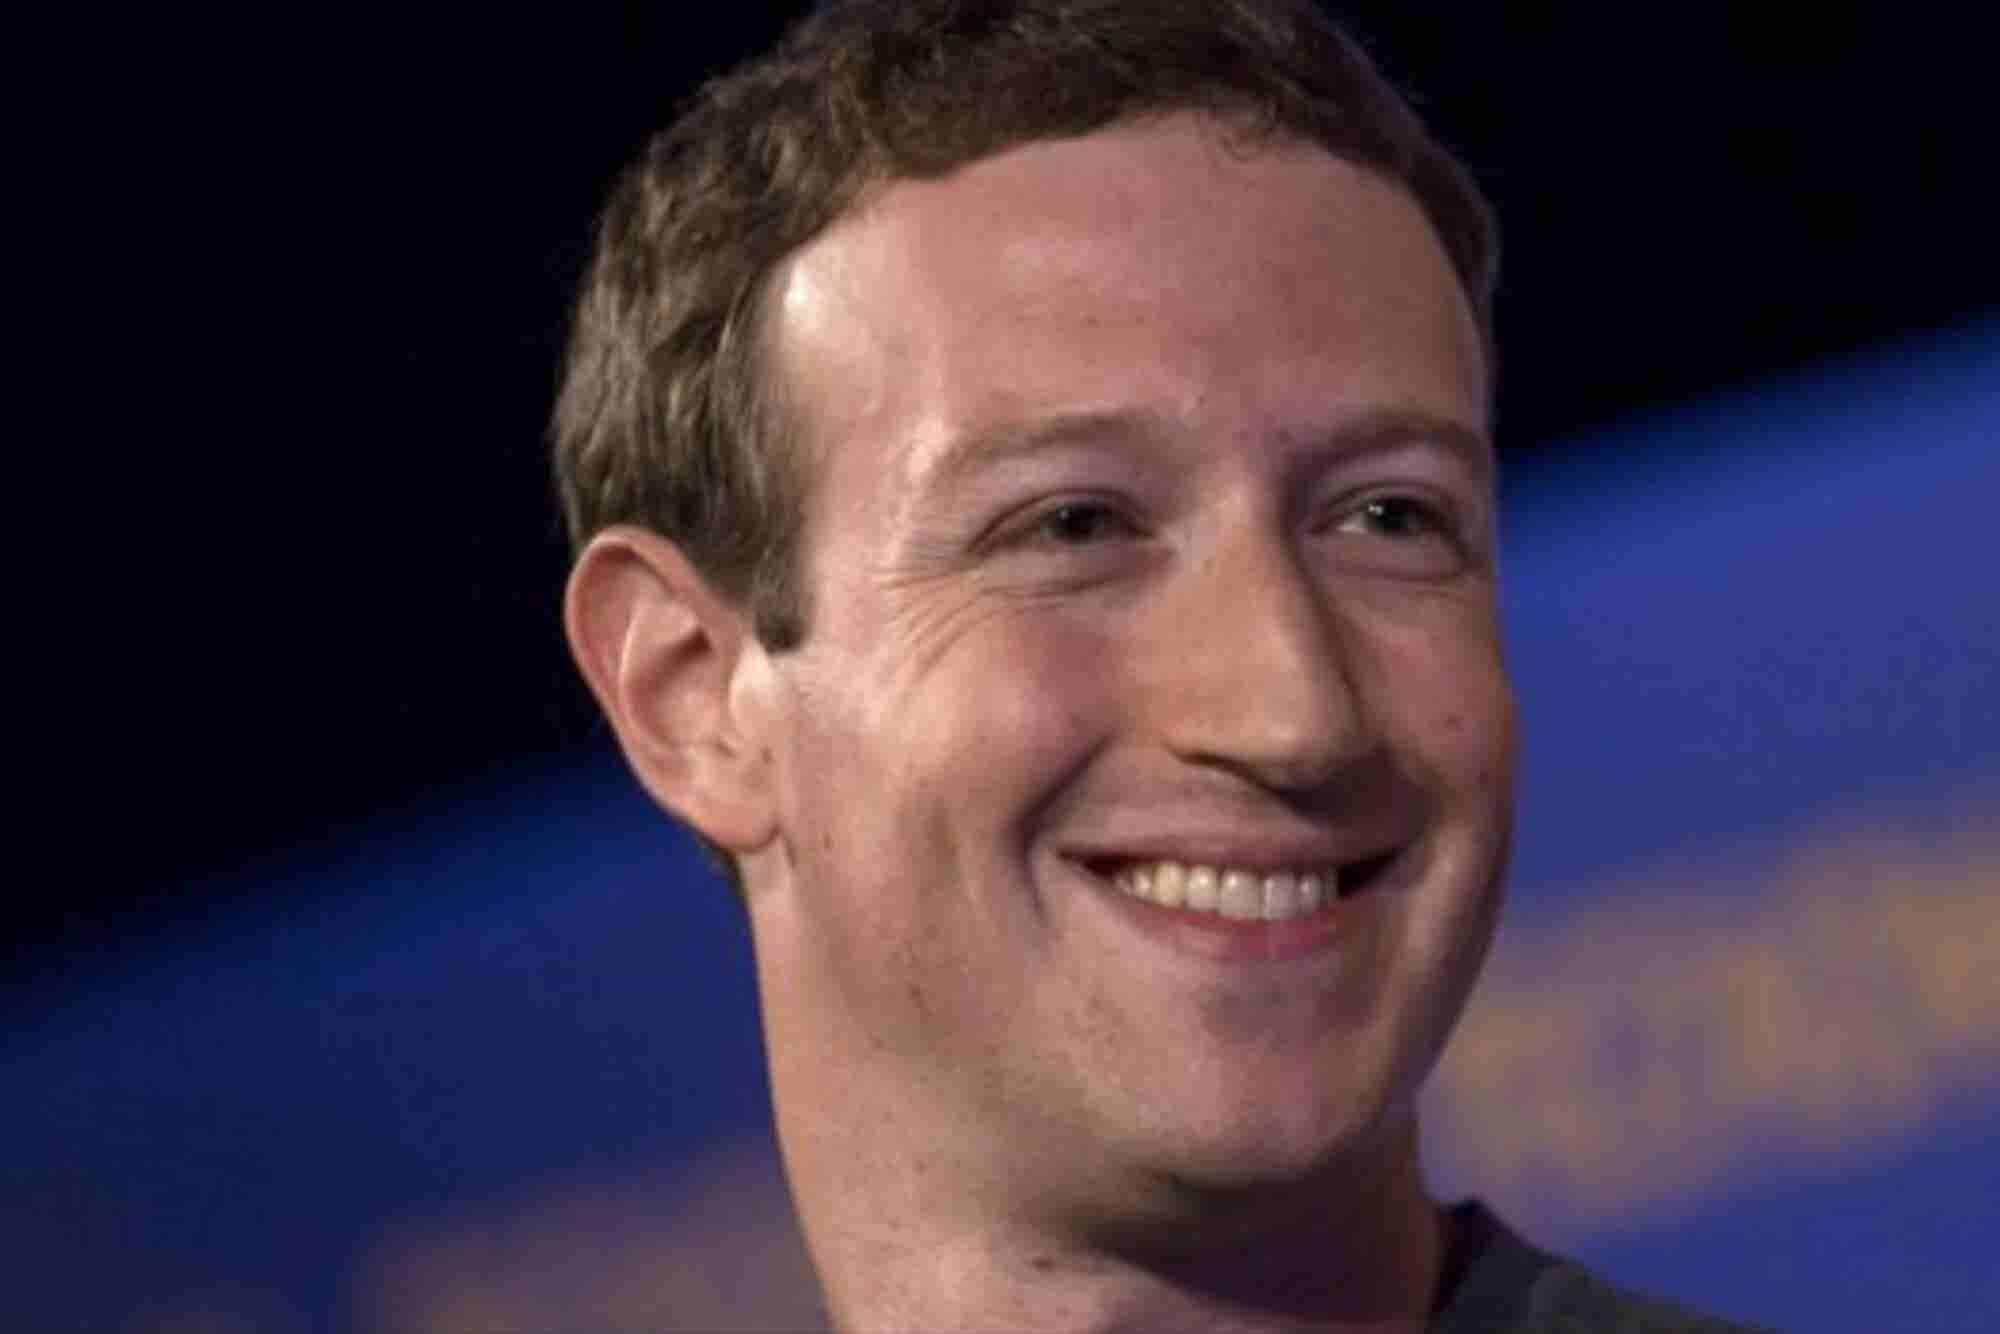 Mark Zuckerberg vendió 500 mdd en acciones de Facebook con fines filantrópicos